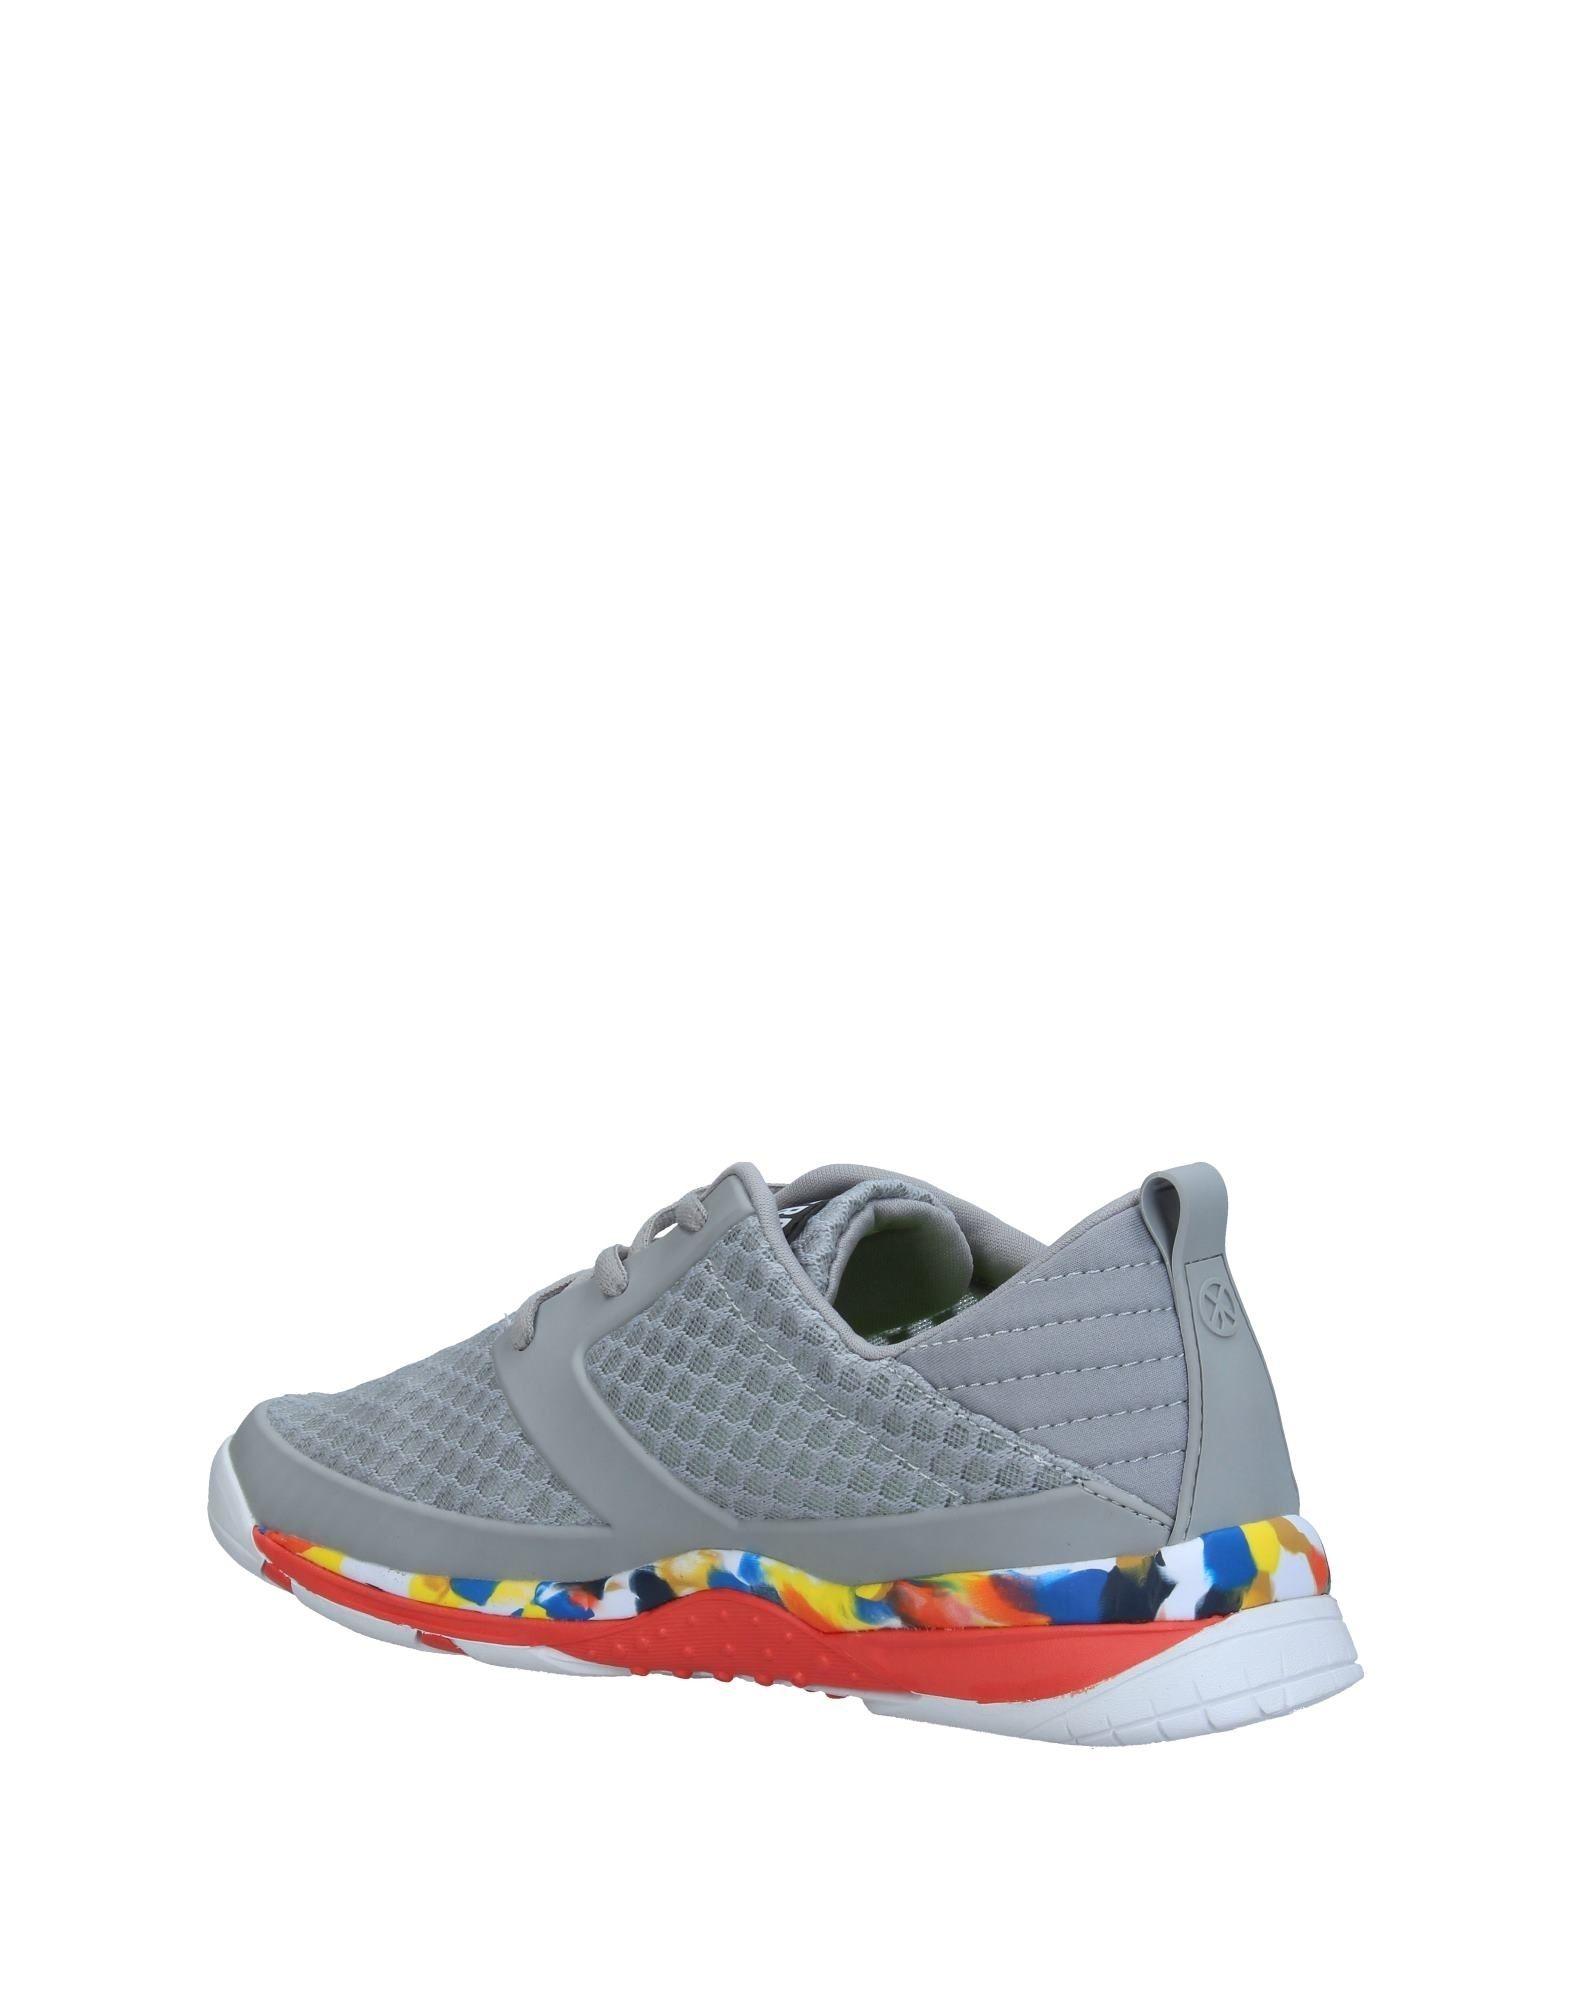 Strd Strd Strd By Volta Footwear Sneakers Herren Gutes Preis-Leistungs-Verhältnis, es lohnt sich 6dad69